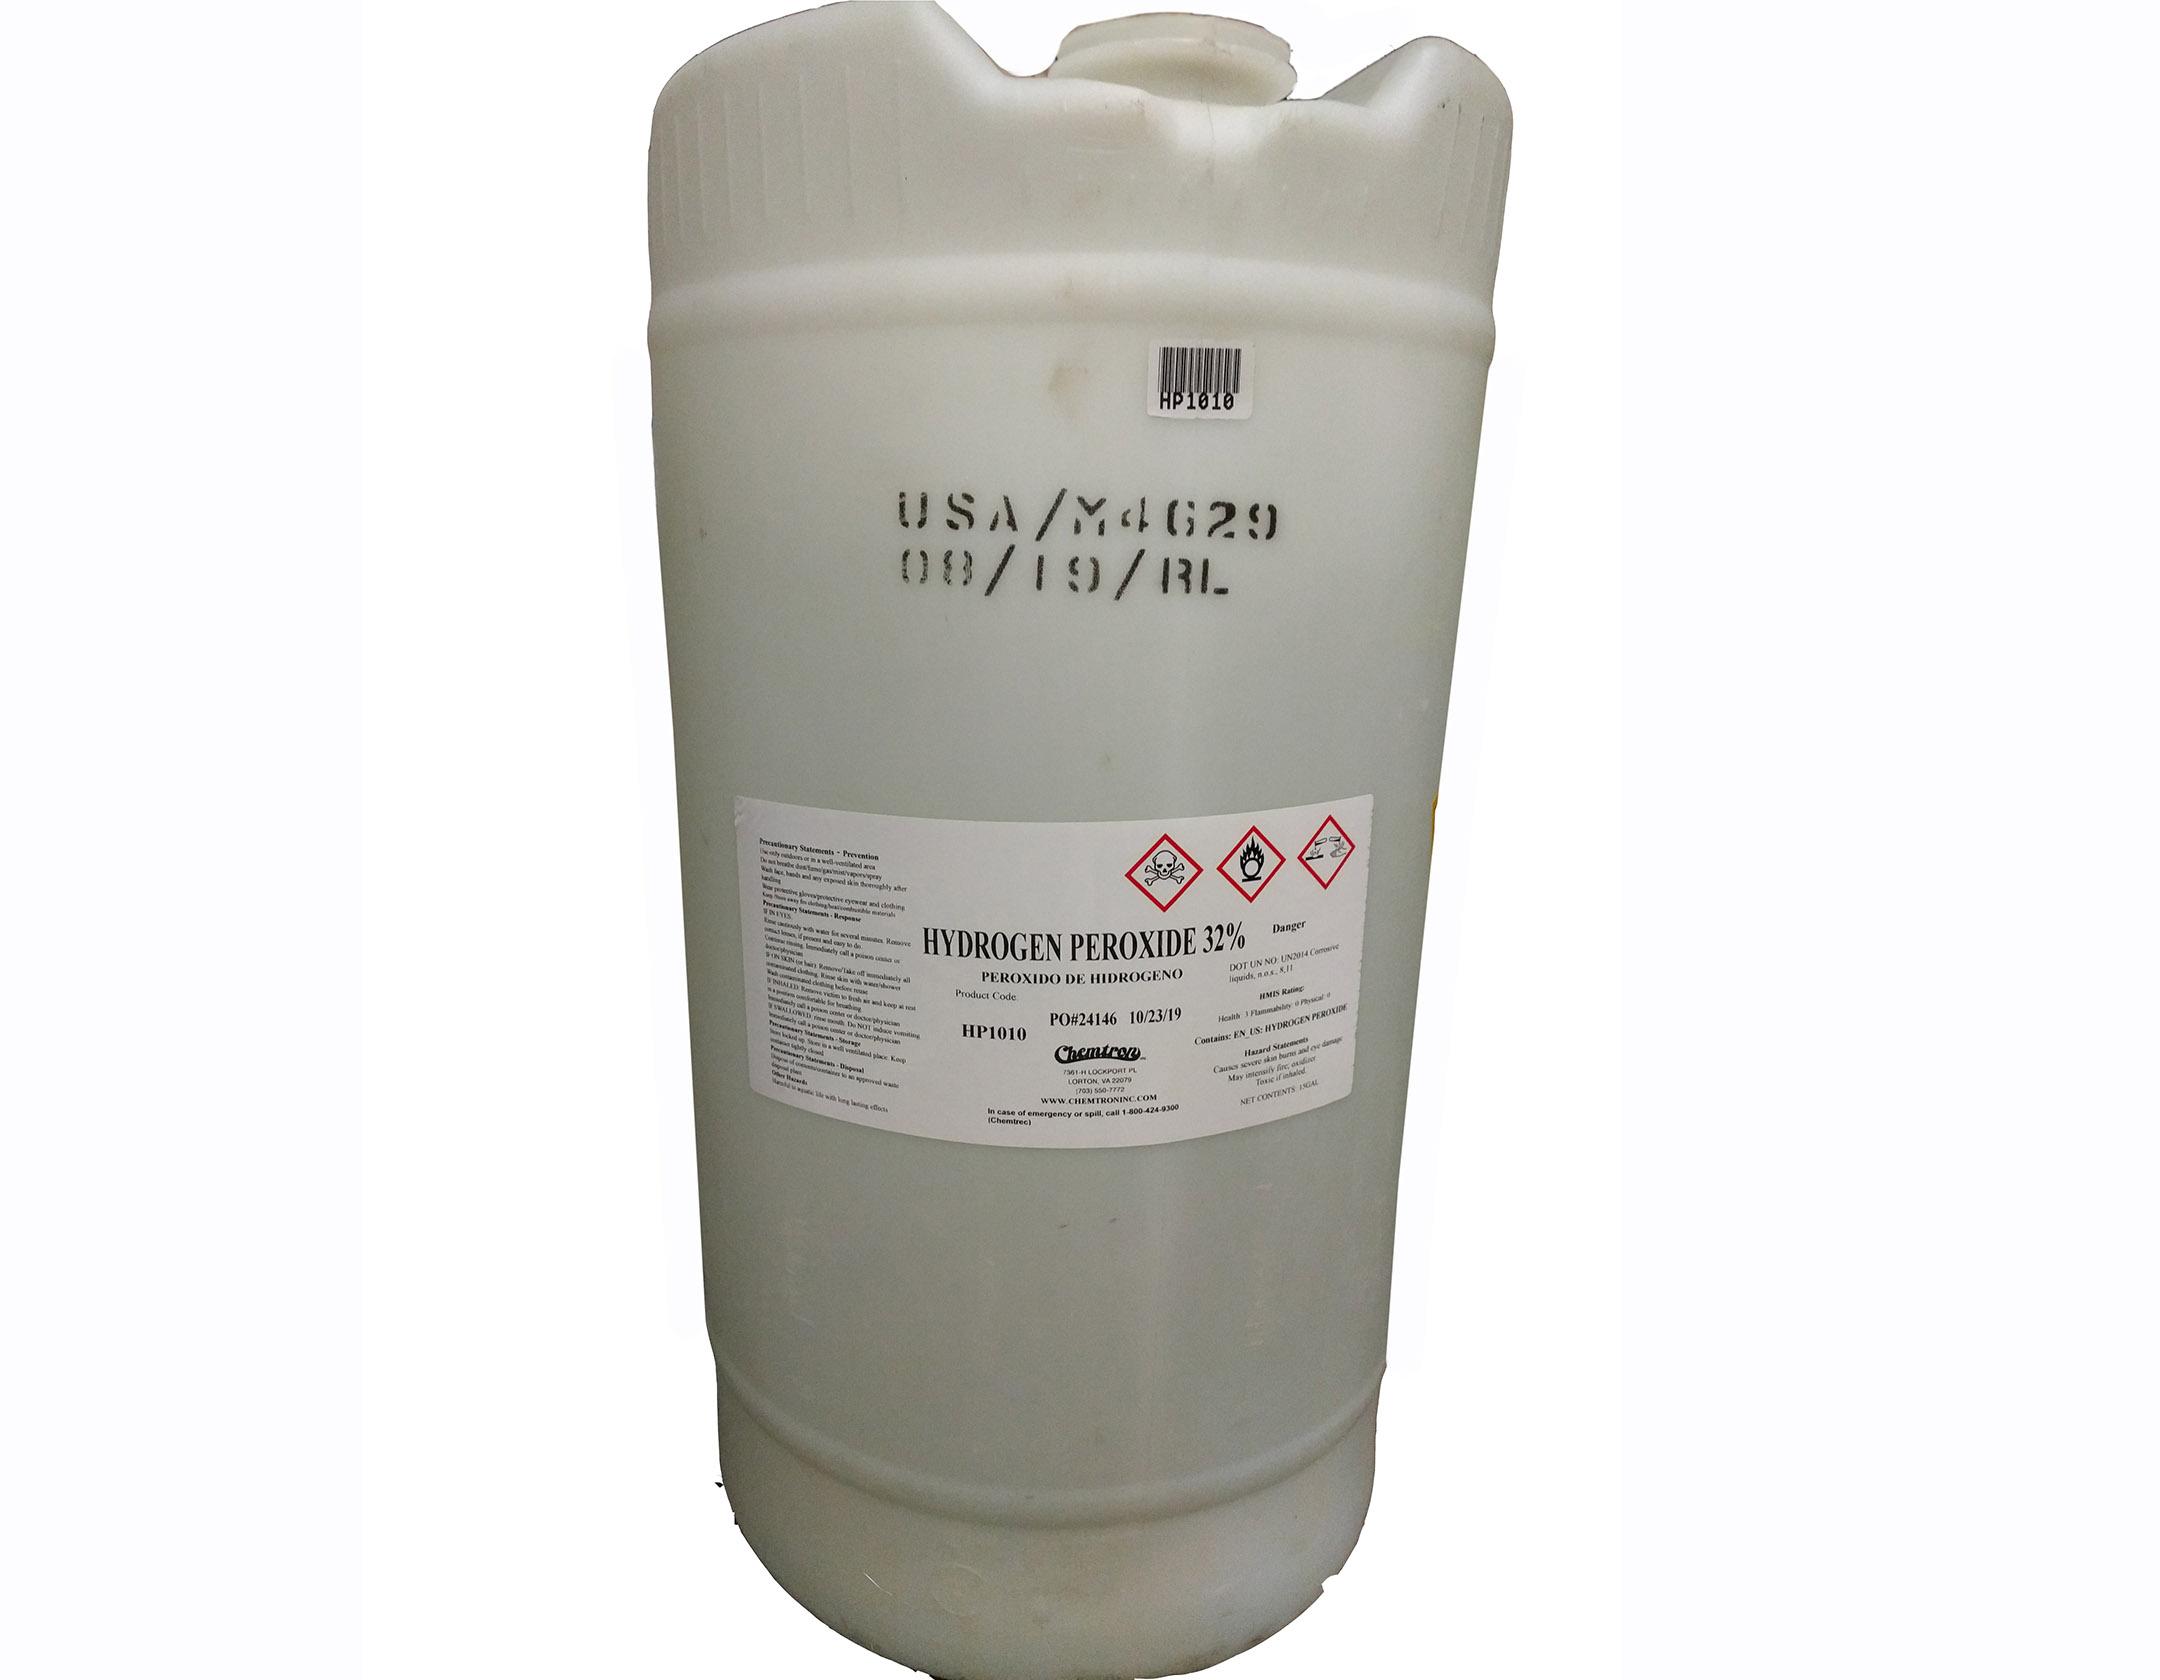 15 gallon Hydrogen Peroxide